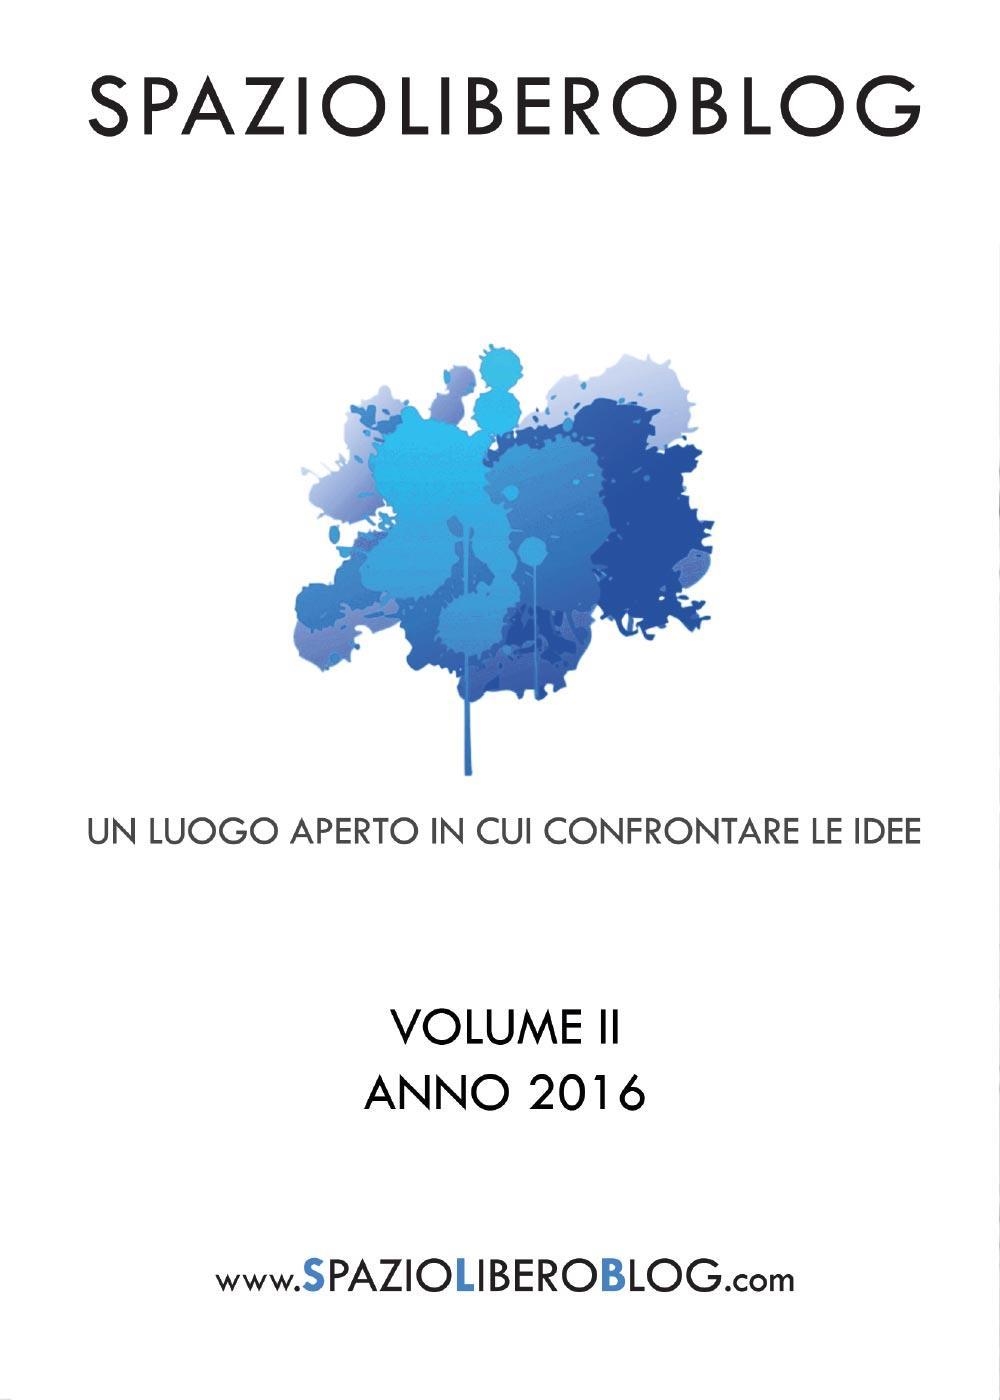 Idee a confronto - Vol. II